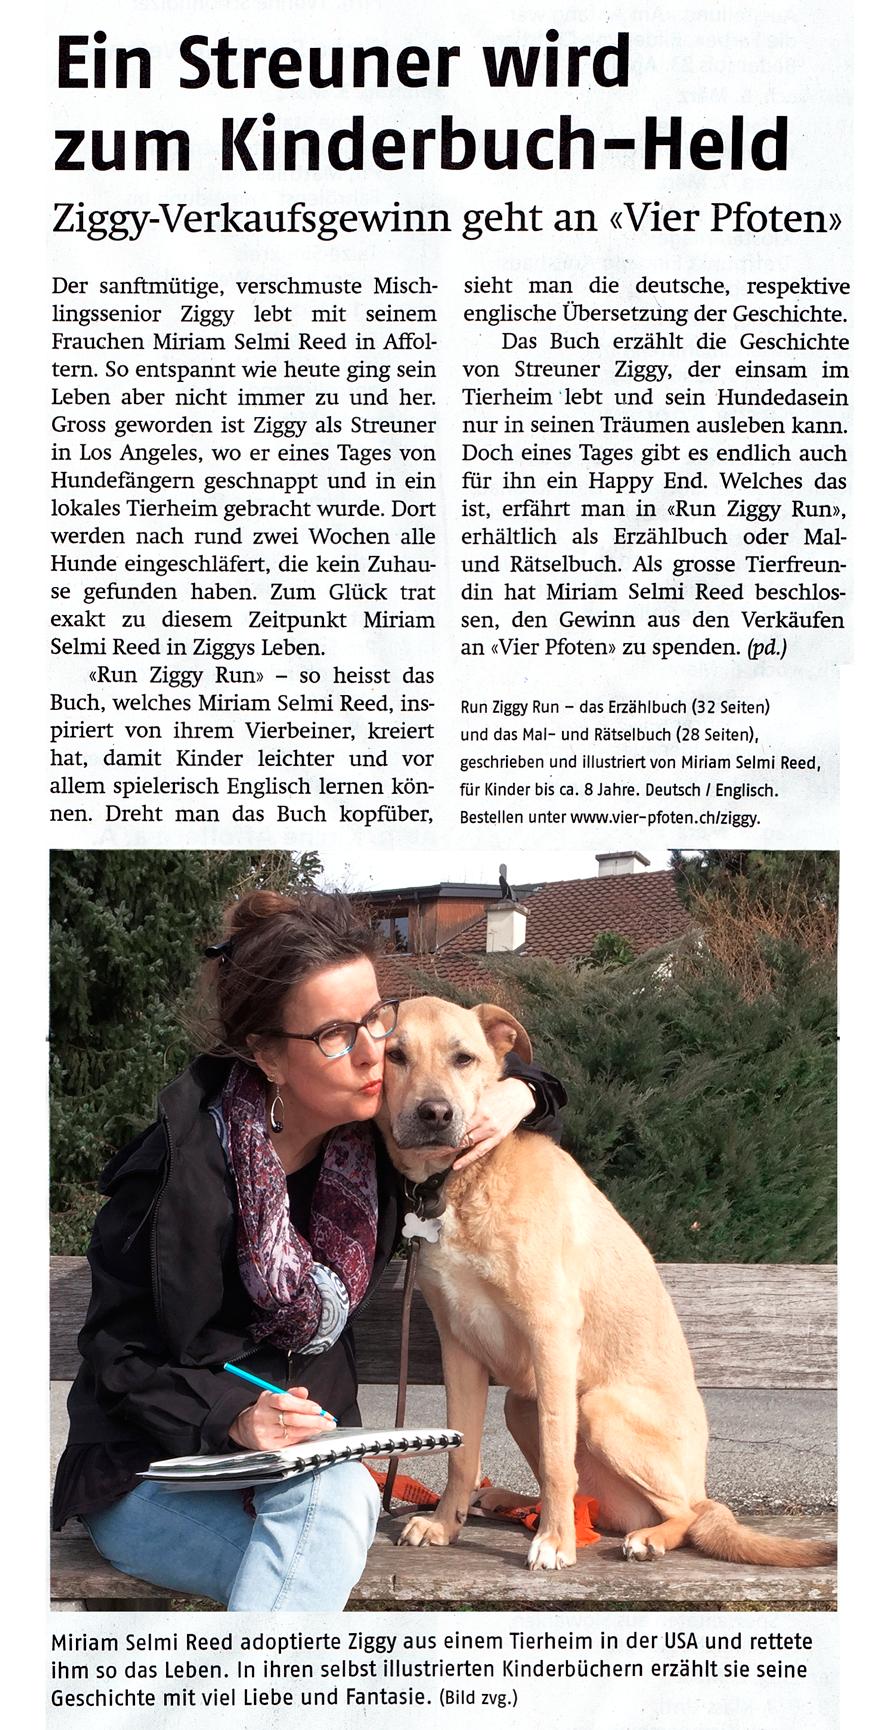 Publiziert im Anzeiger Bezirk Affoltern, 1. März 2019 / Published in the Affoltern Anzeiger, 3/1/2019